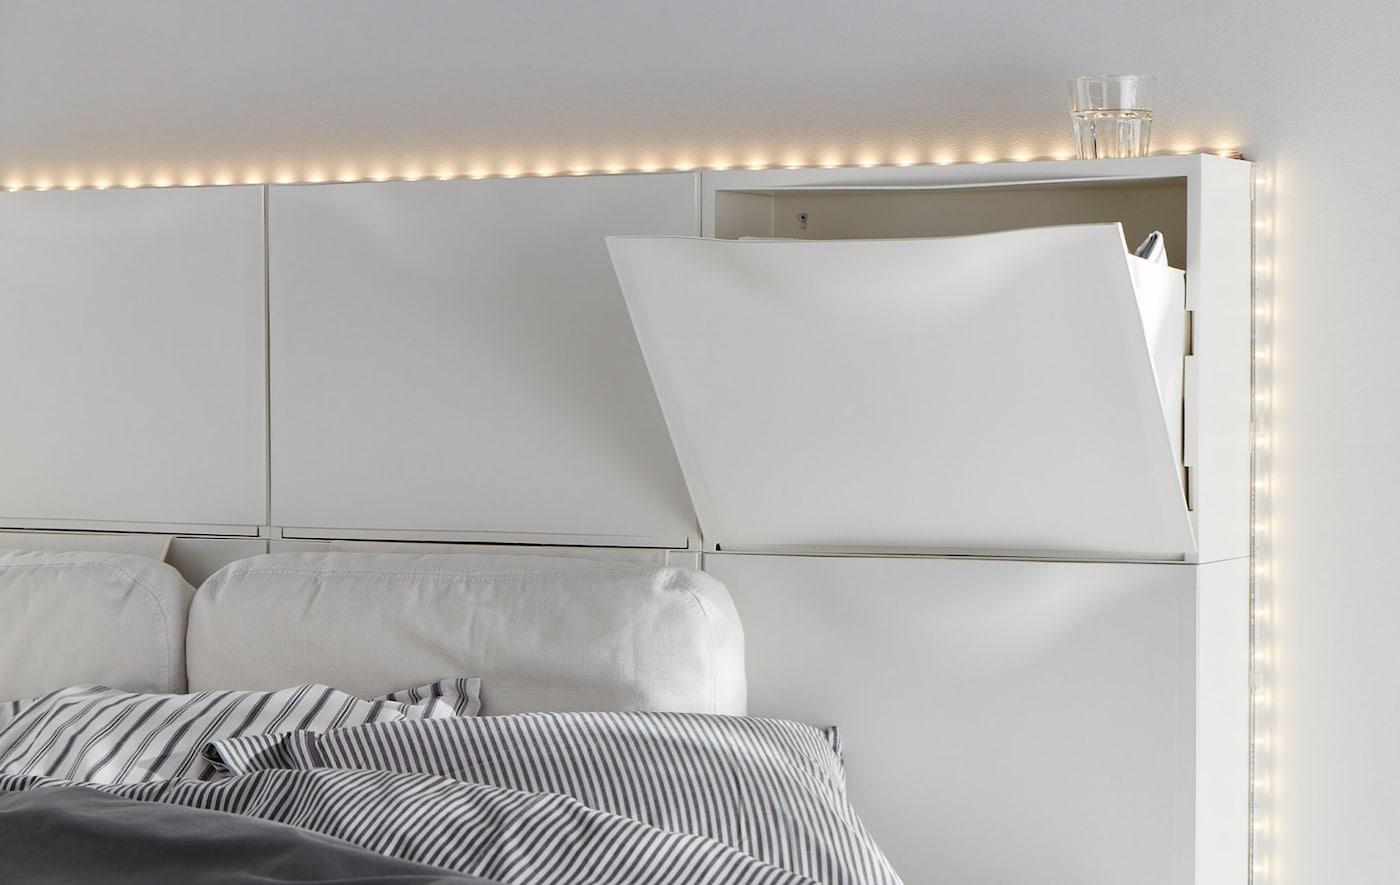 Sechs weiße IKEA TRONES Aufbewahrungen als Kopfteil für ein Bett.